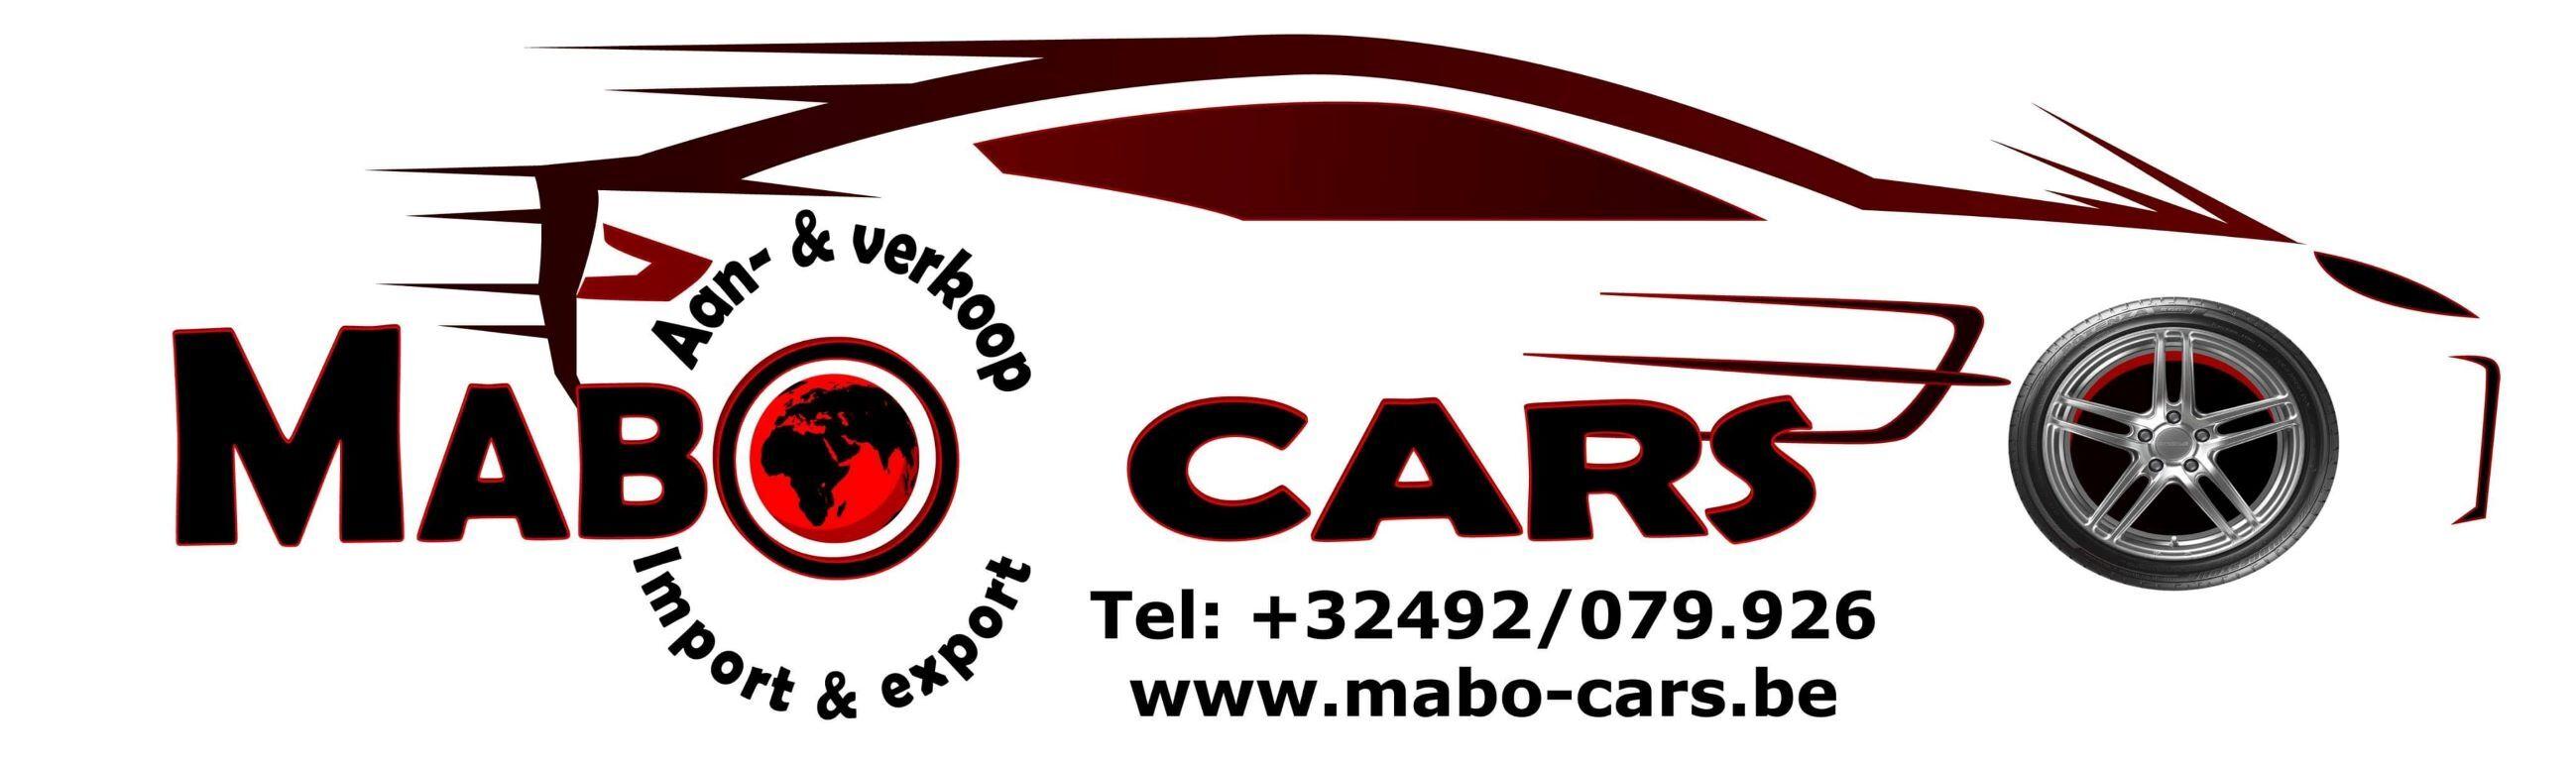 MABO CARS vof